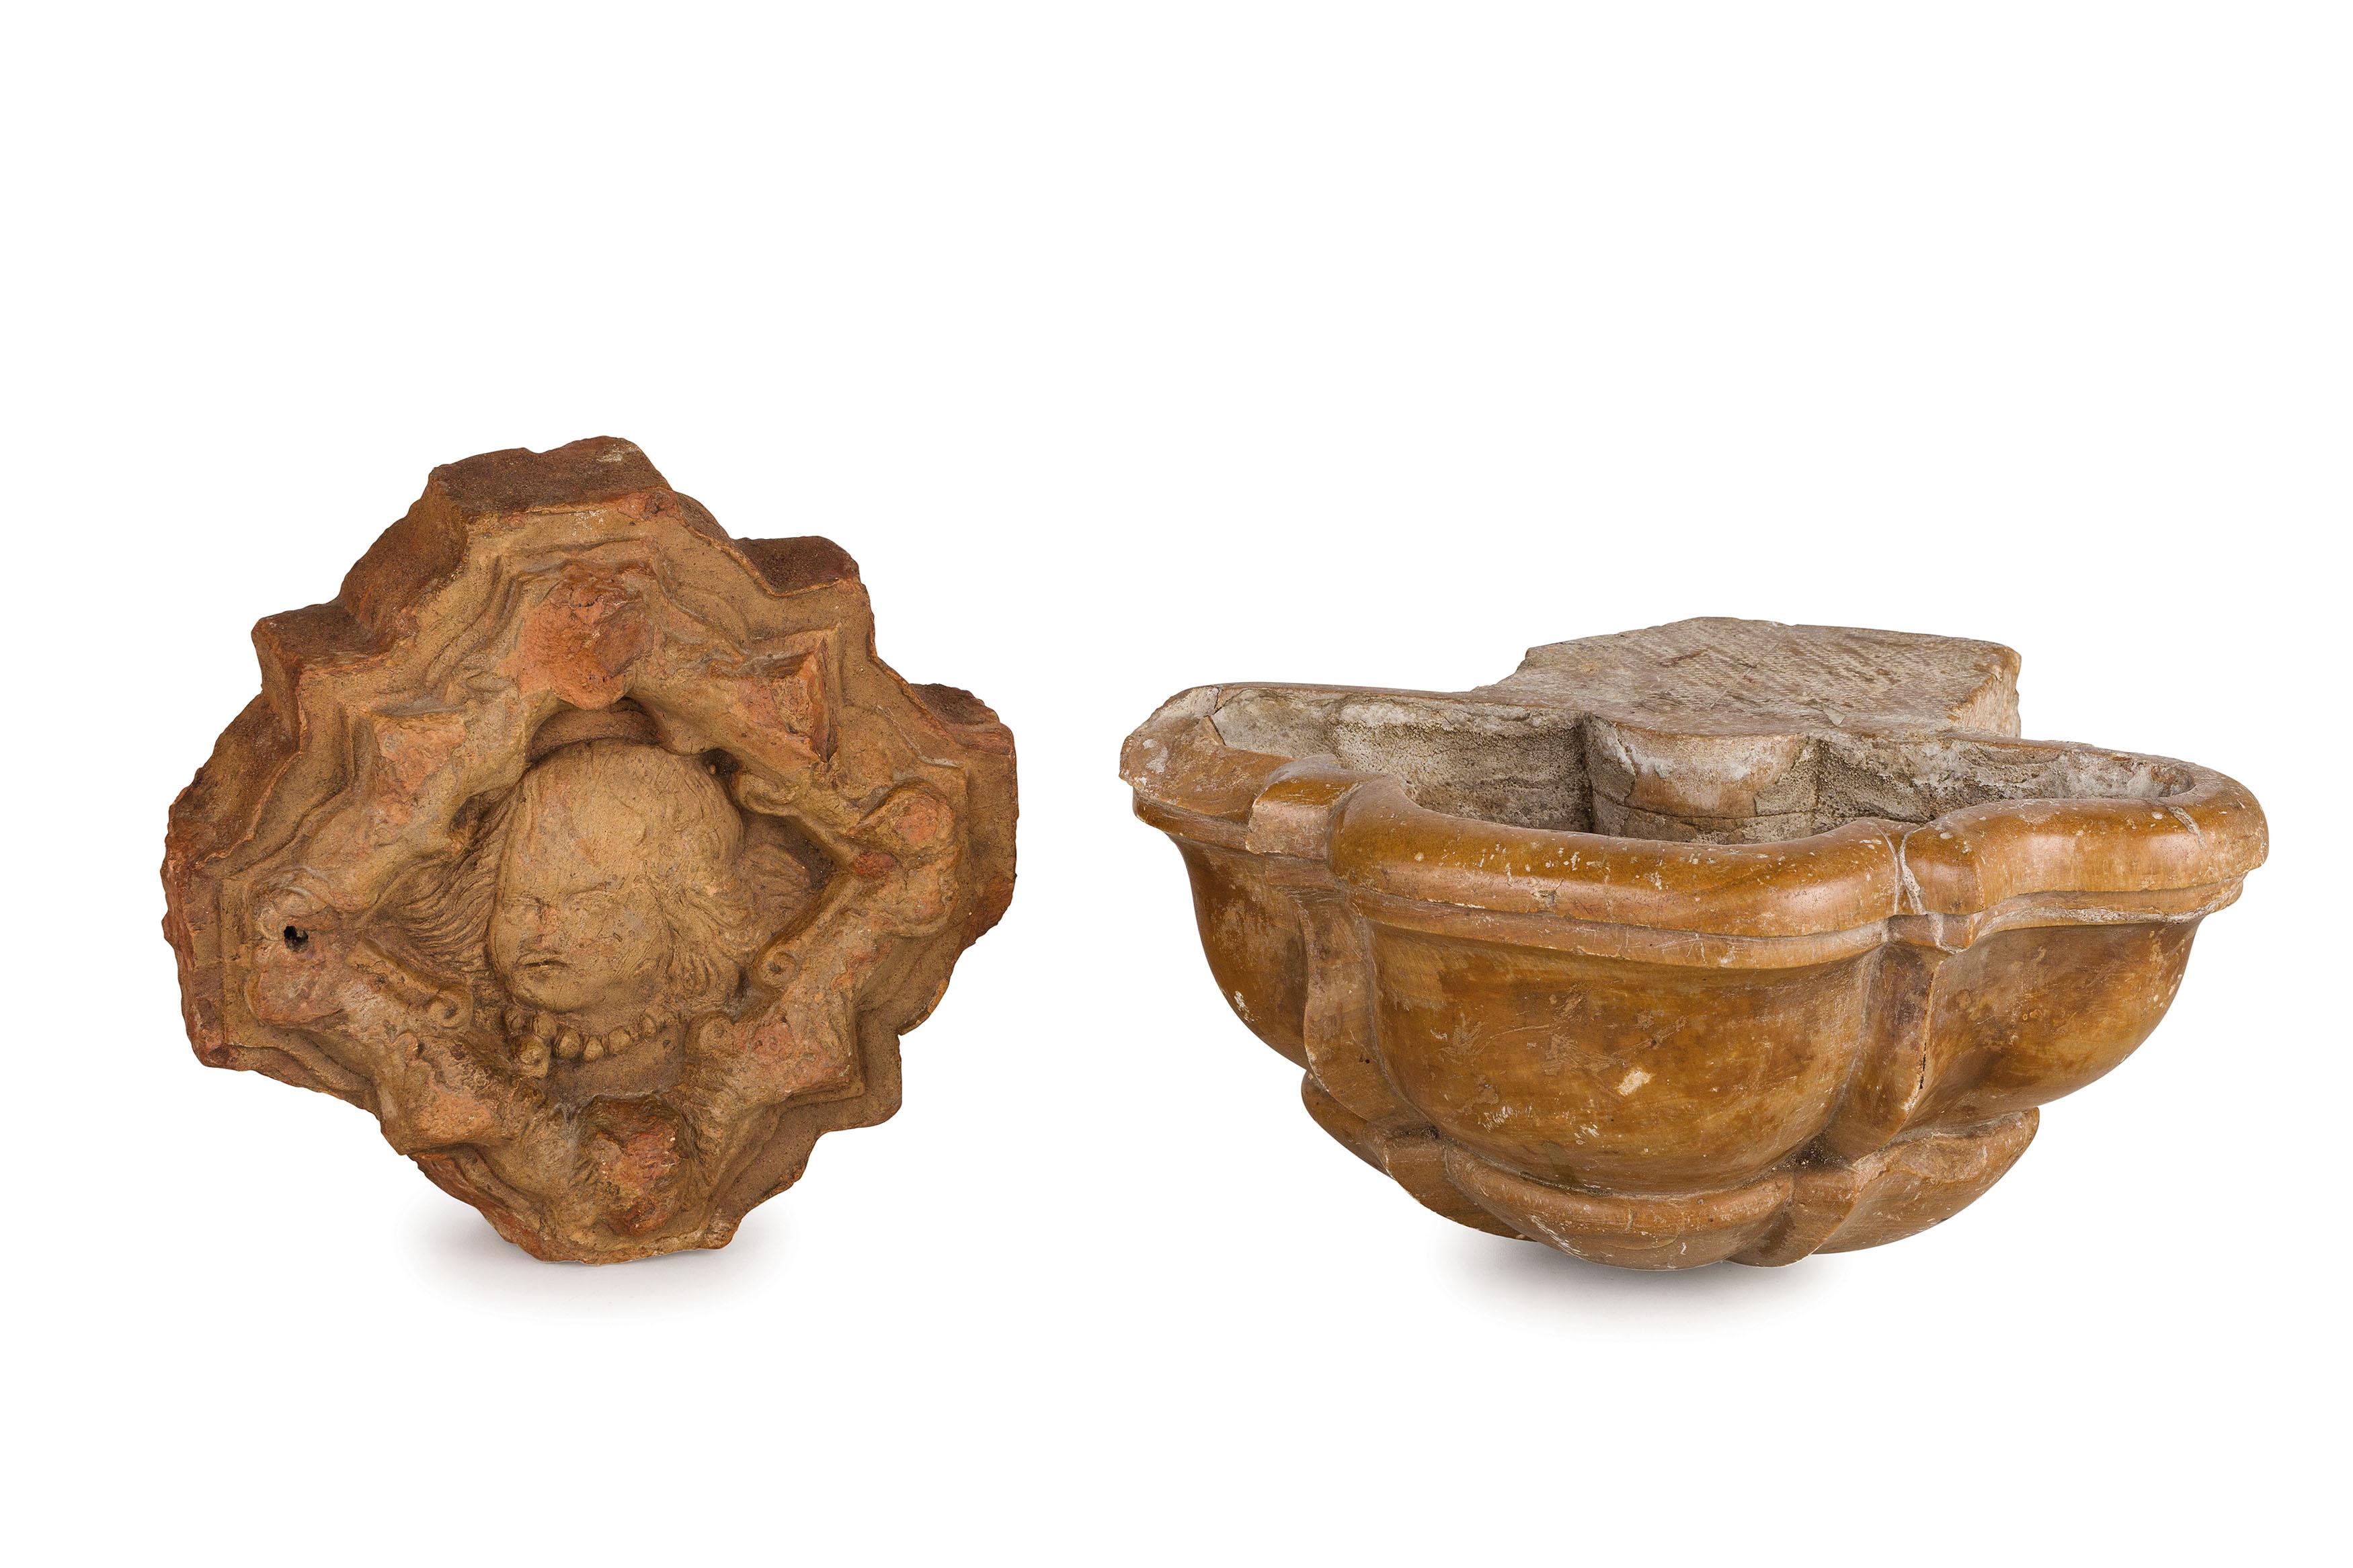 Lot 219 - ACQUASANTIERA IN MARMO, XVII-XVIII SECOLO